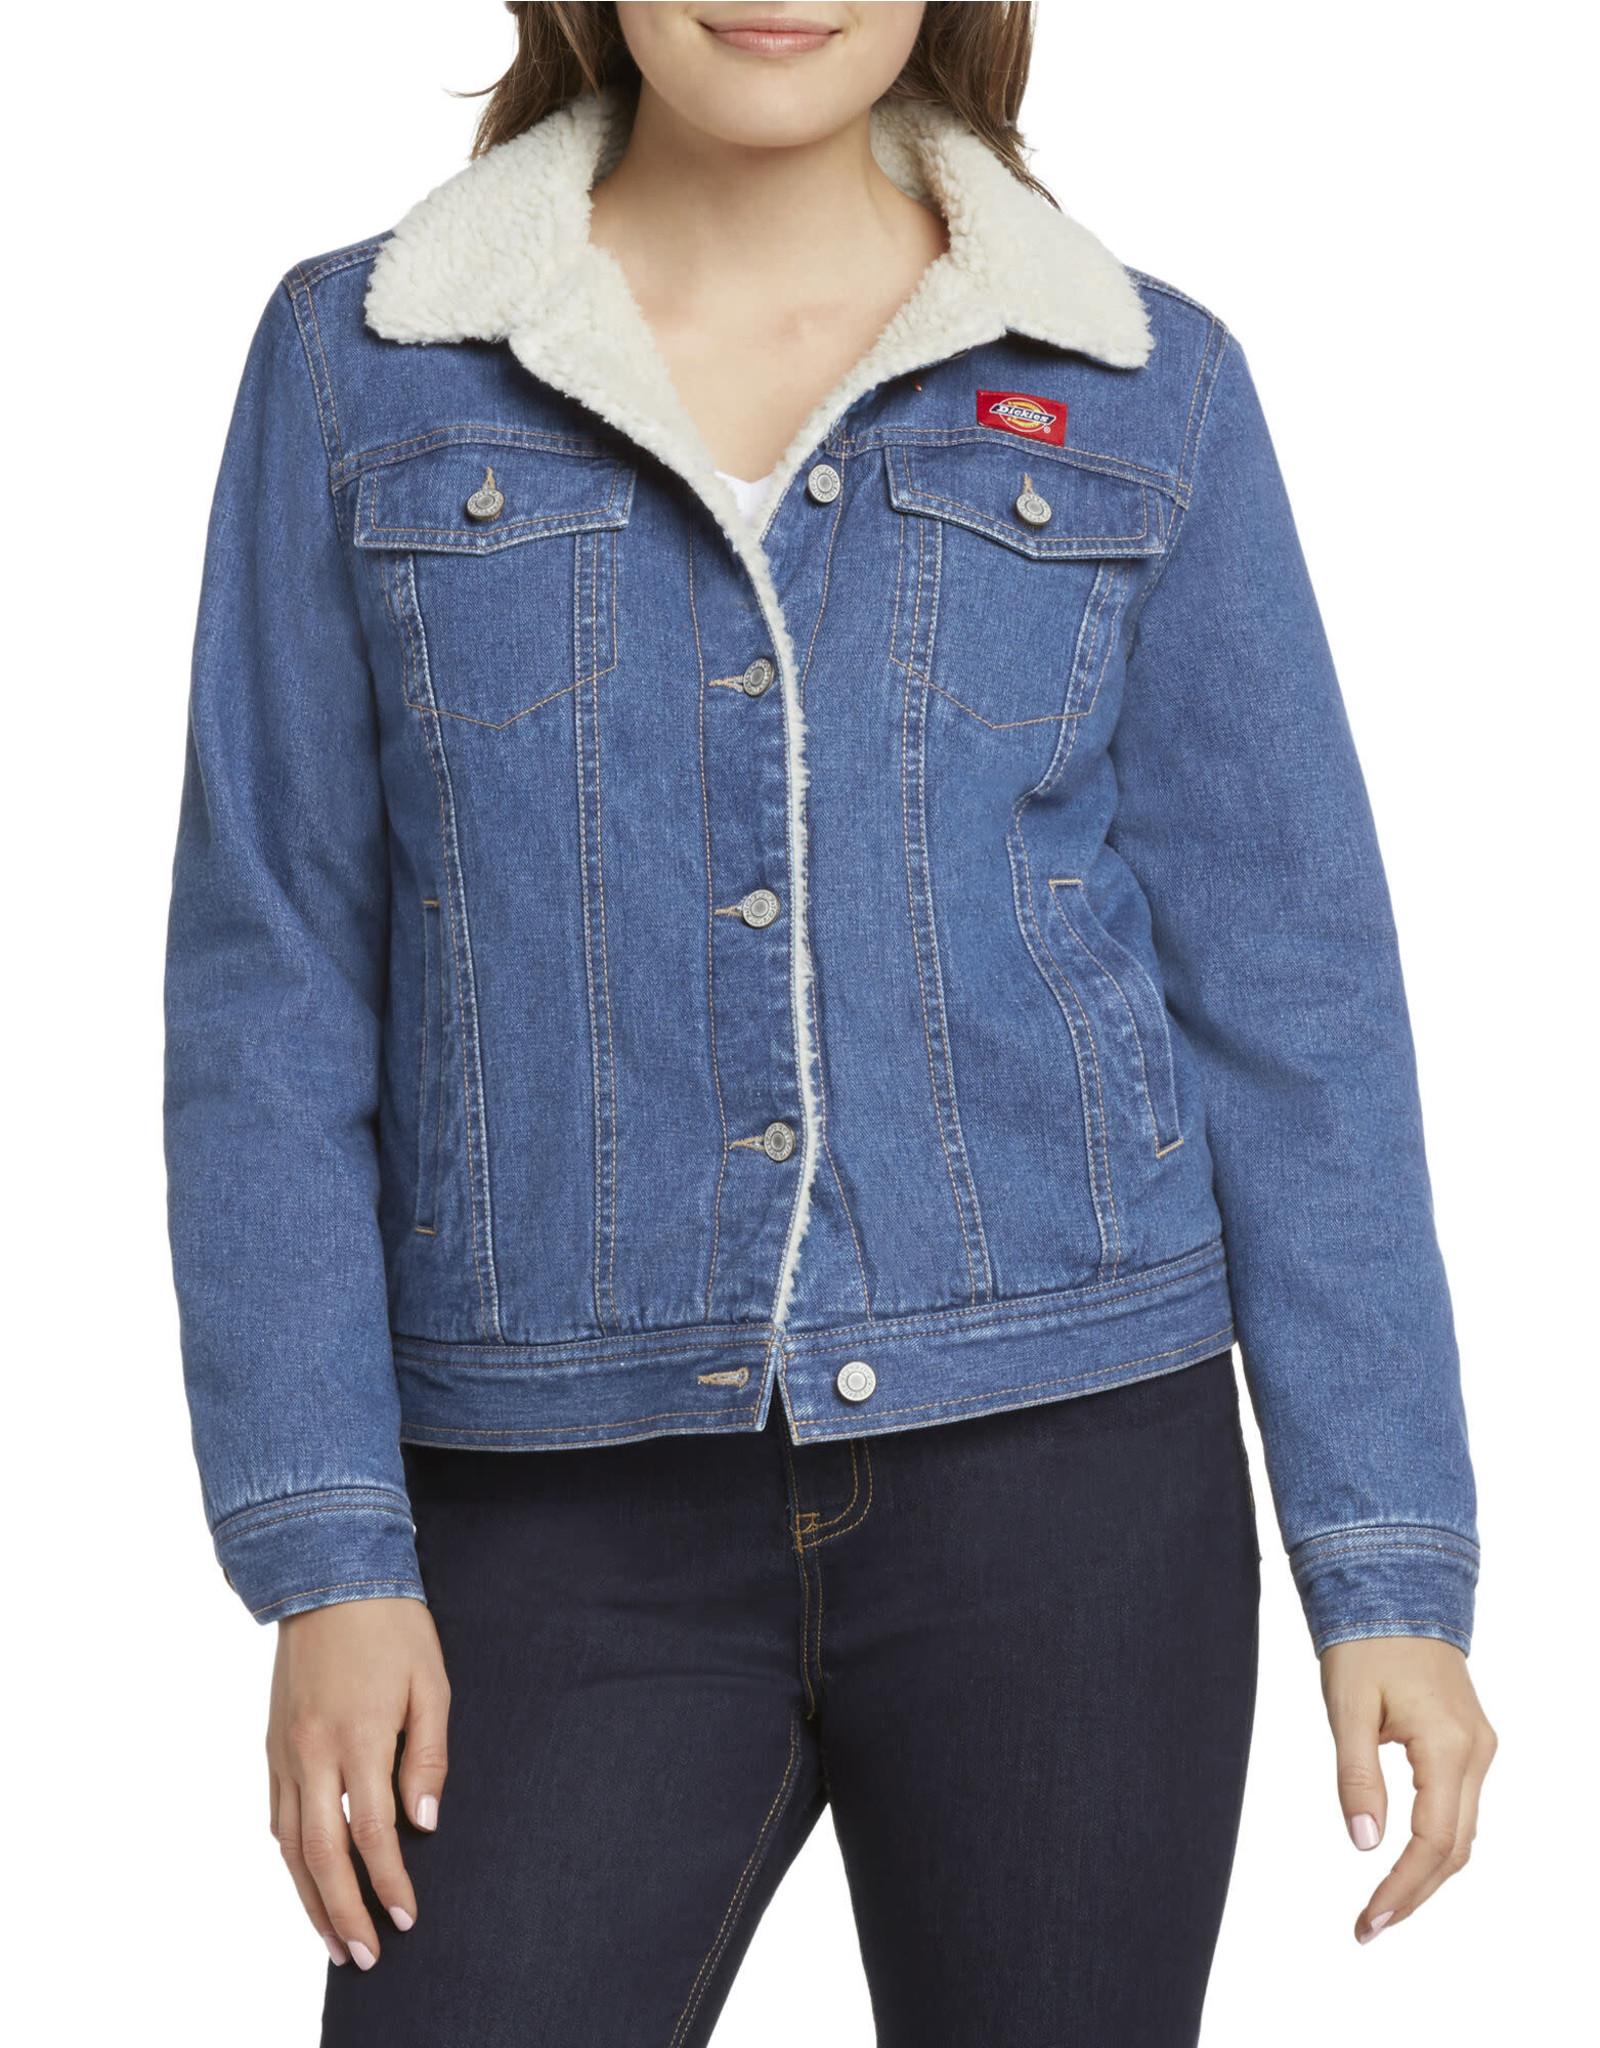 Dickies Girl Sherpa Lined Denim Jacket J4008